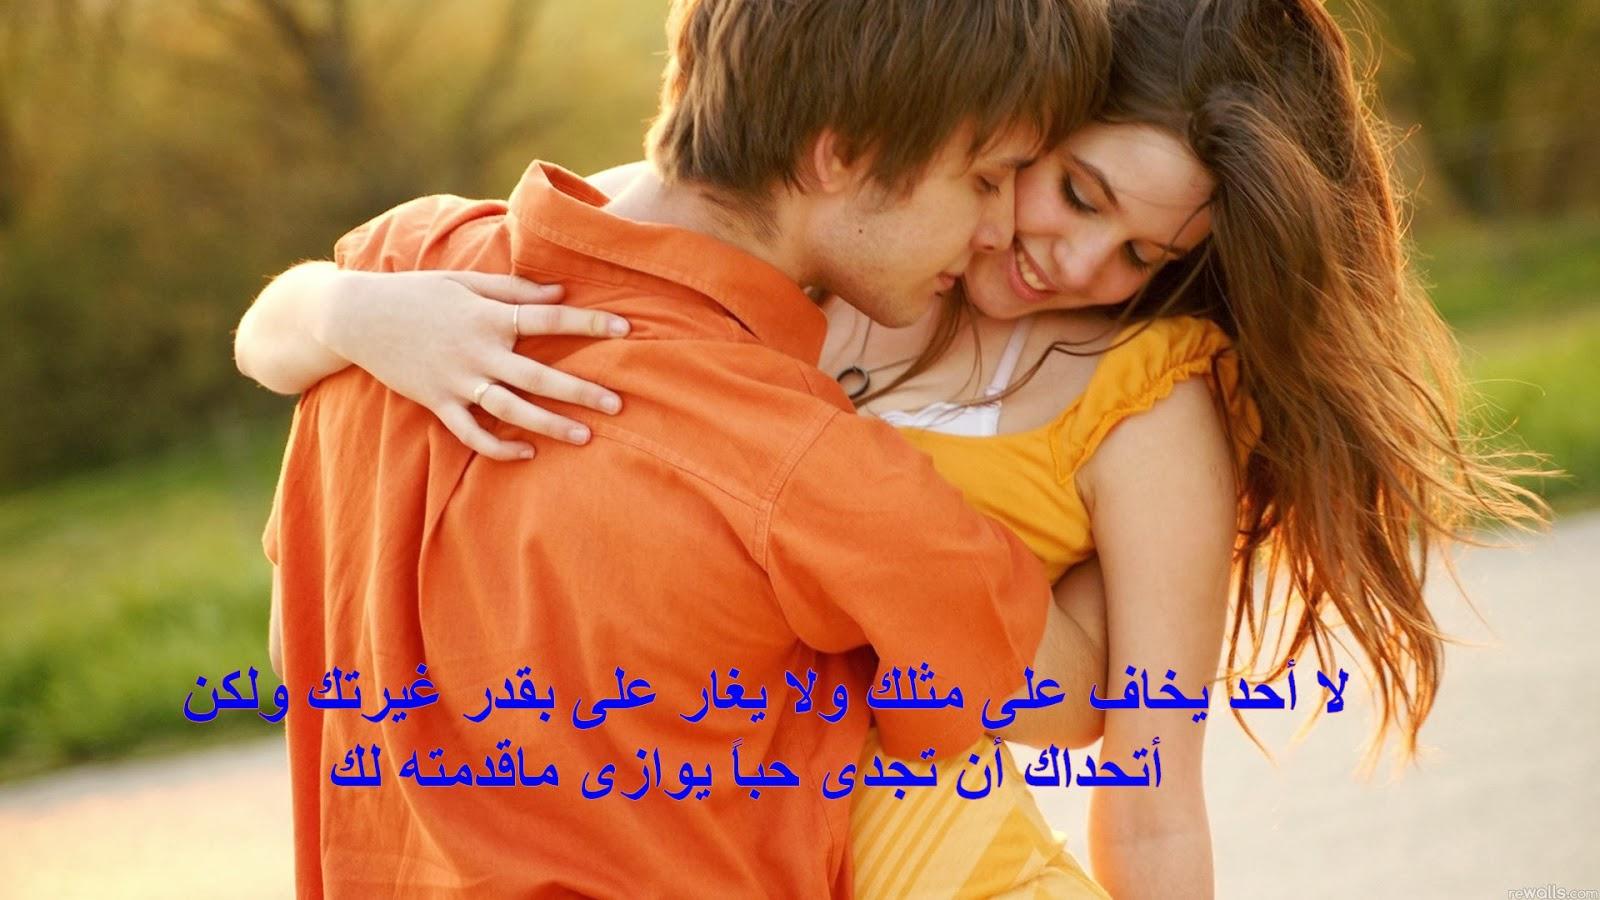 بالصور صور حب رمنسيه , احلى كلام رومانسي للحبيب 3786 8